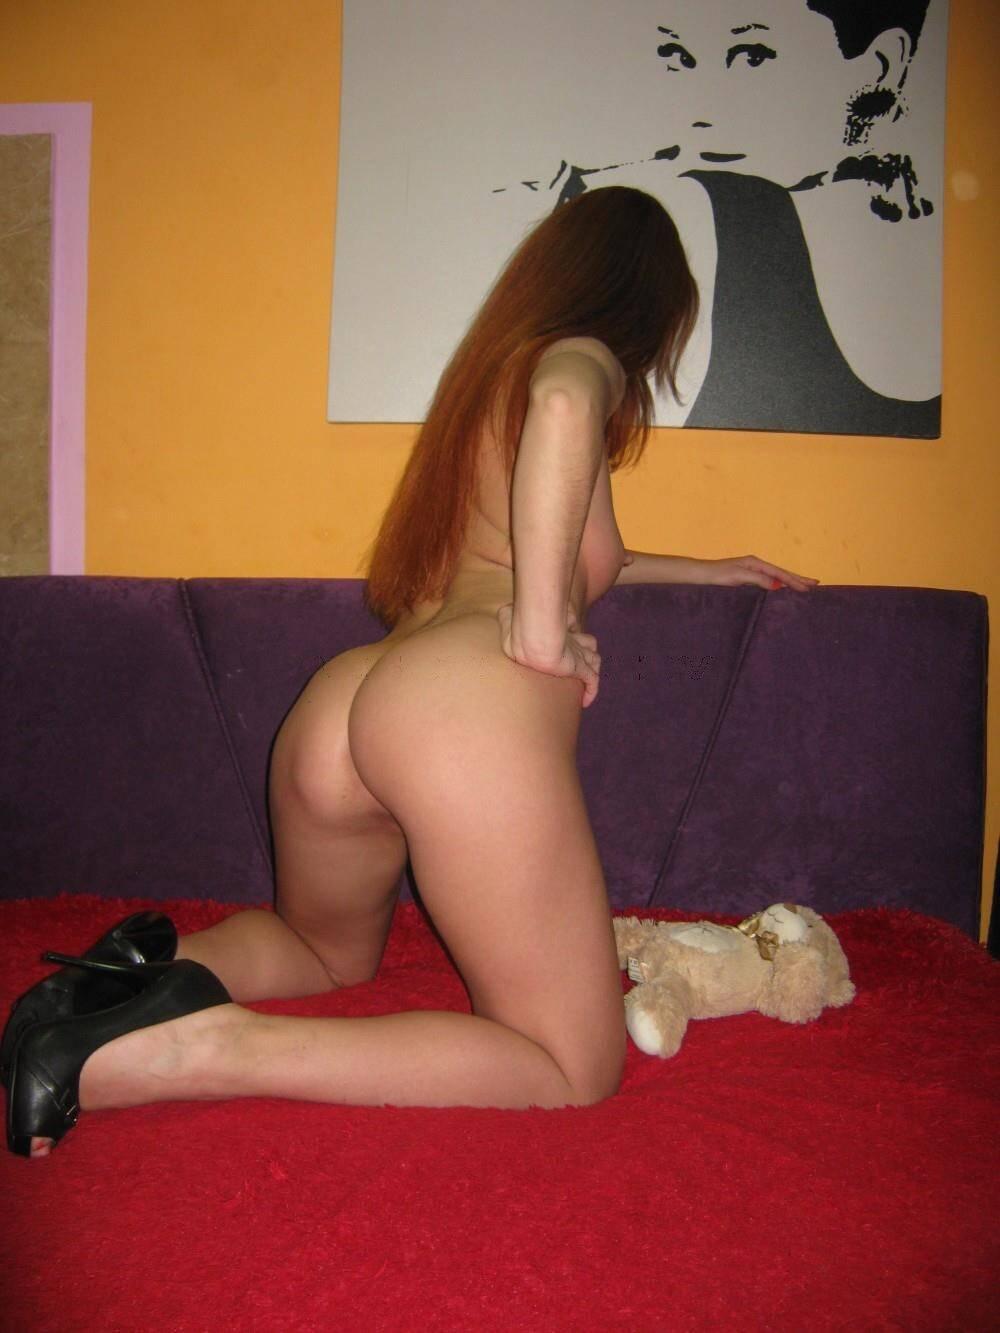 Проститутки москвы без обмана